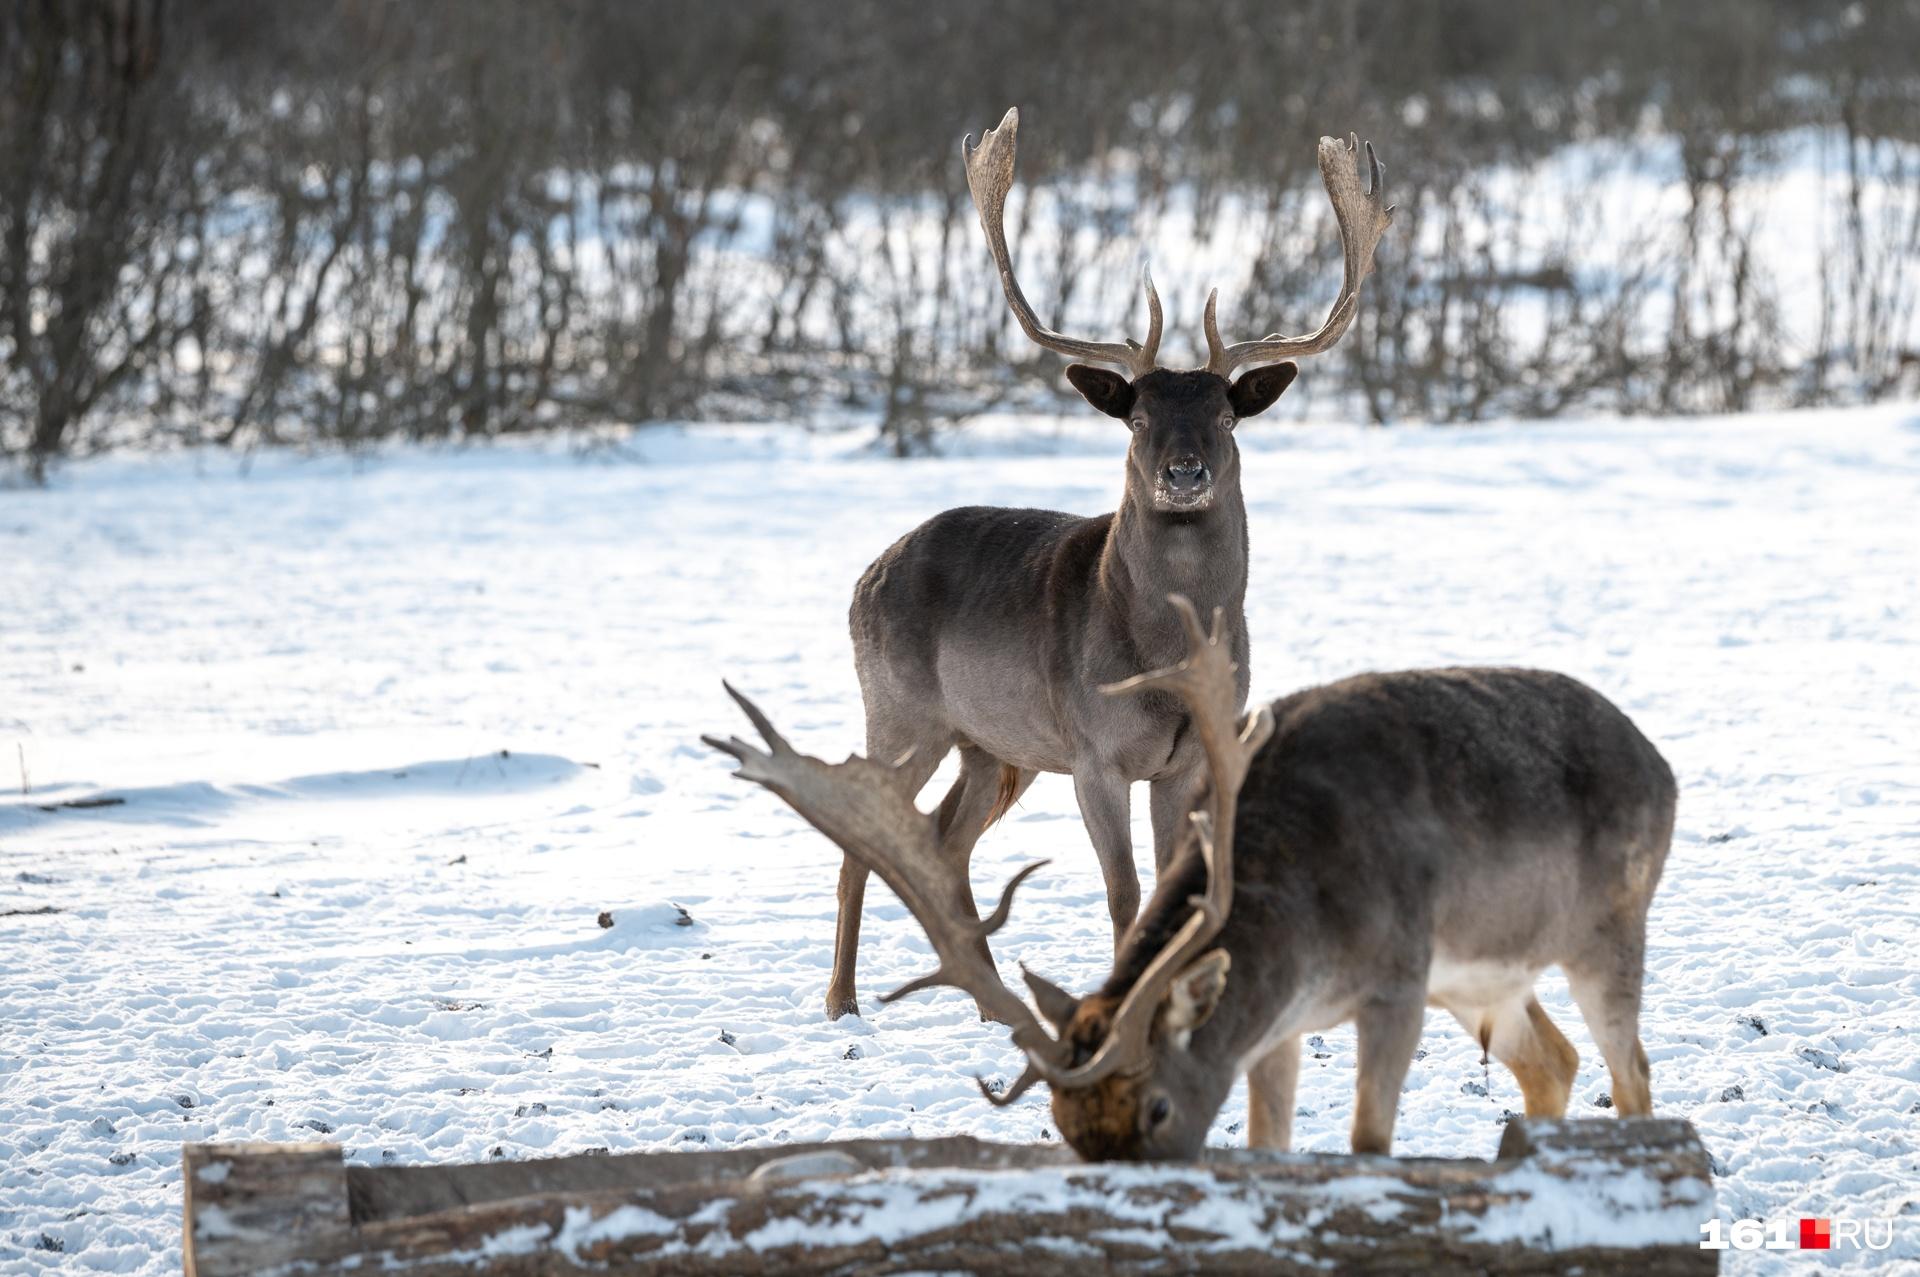 Сфотографировать животных вблизи удалось только тогда, когда инспекторы рассыпали по кормушкам ячмень